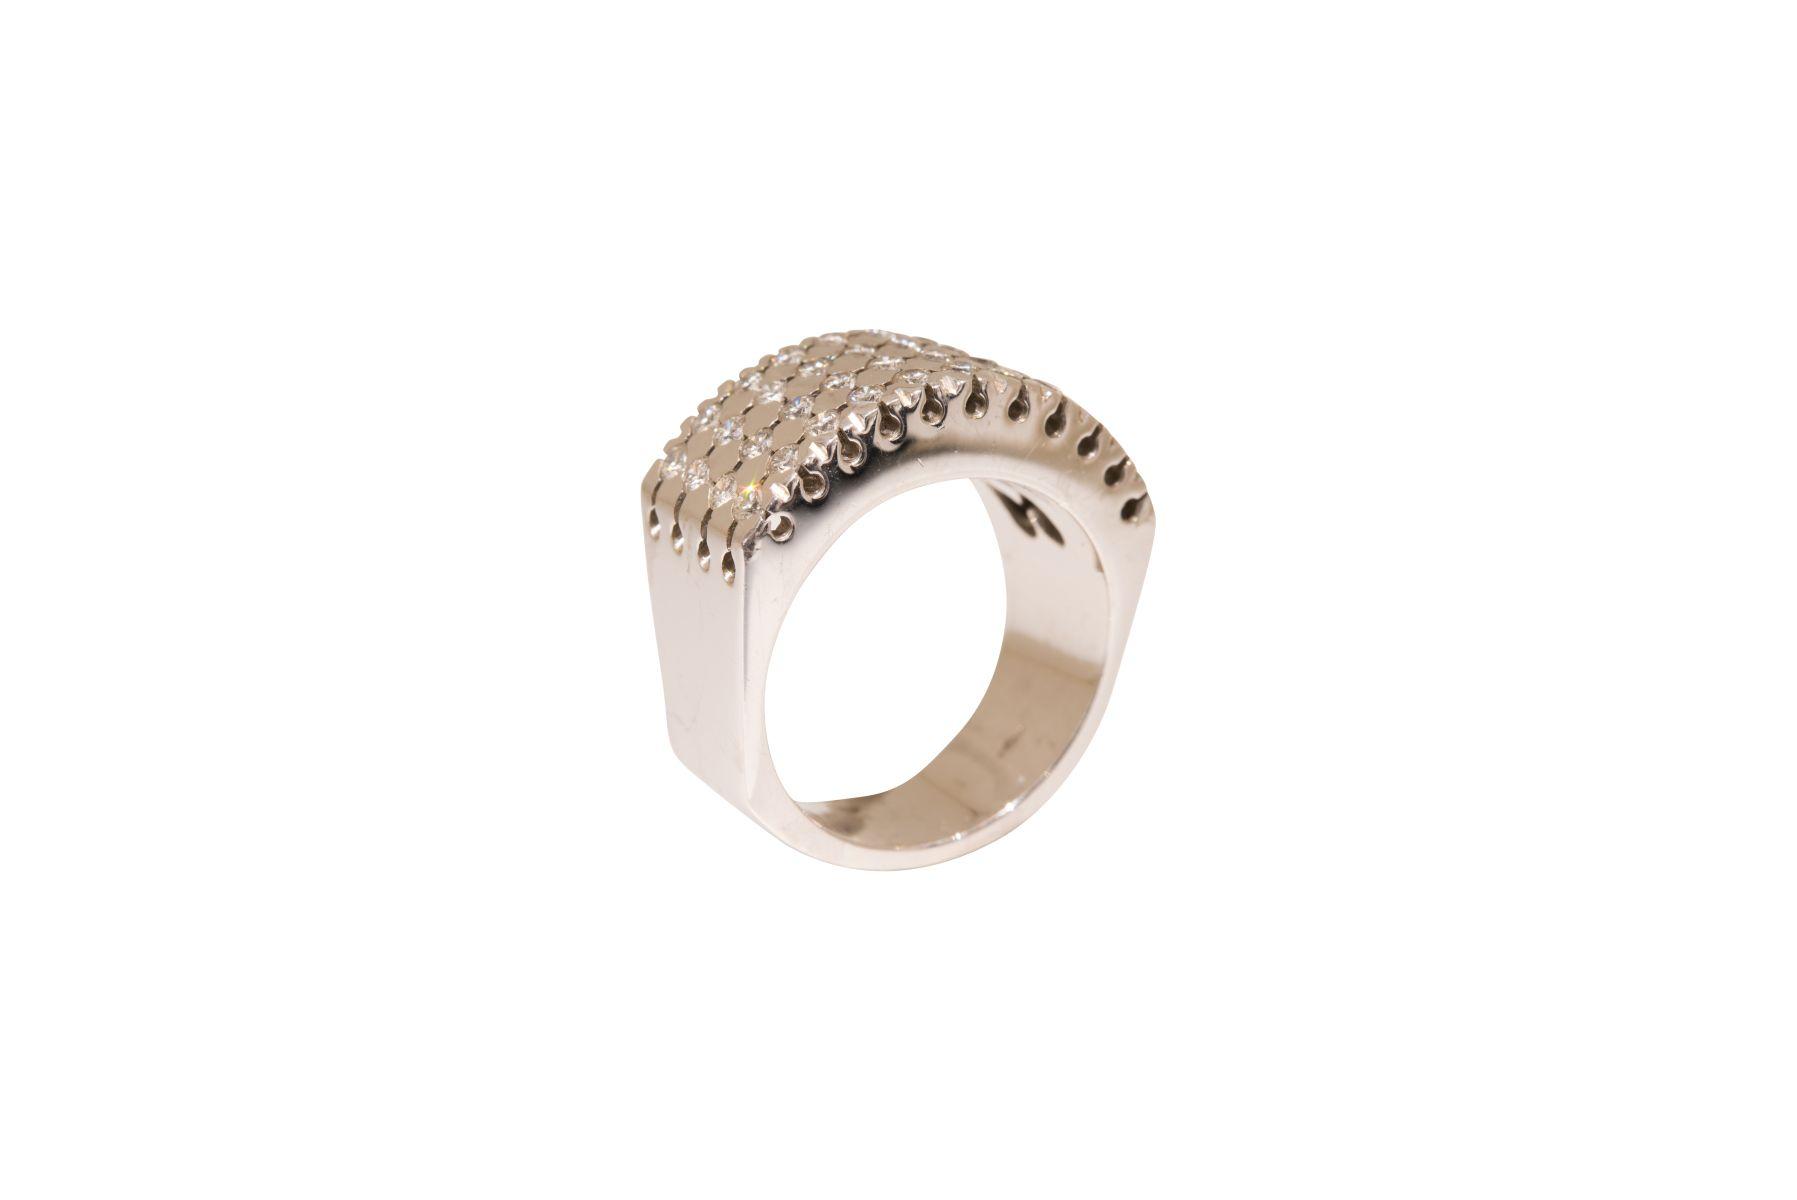 #187 Ring | Ring Image